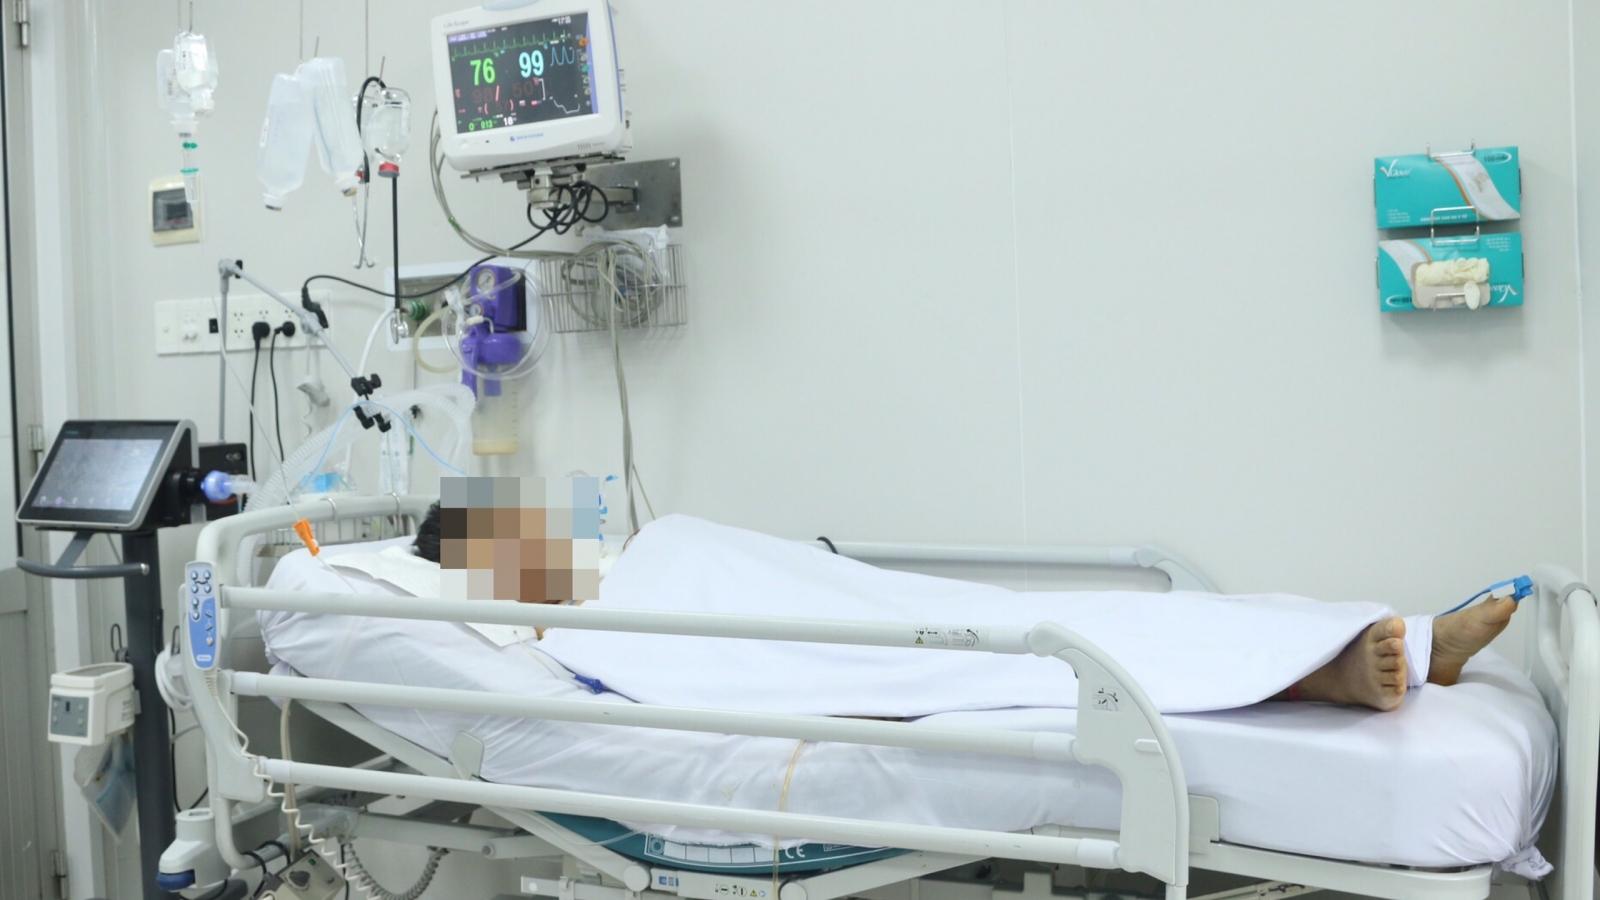 Điều trị nhầm hơn 1 tháng mới được phát hiện ngộ độc pate Minh Chay